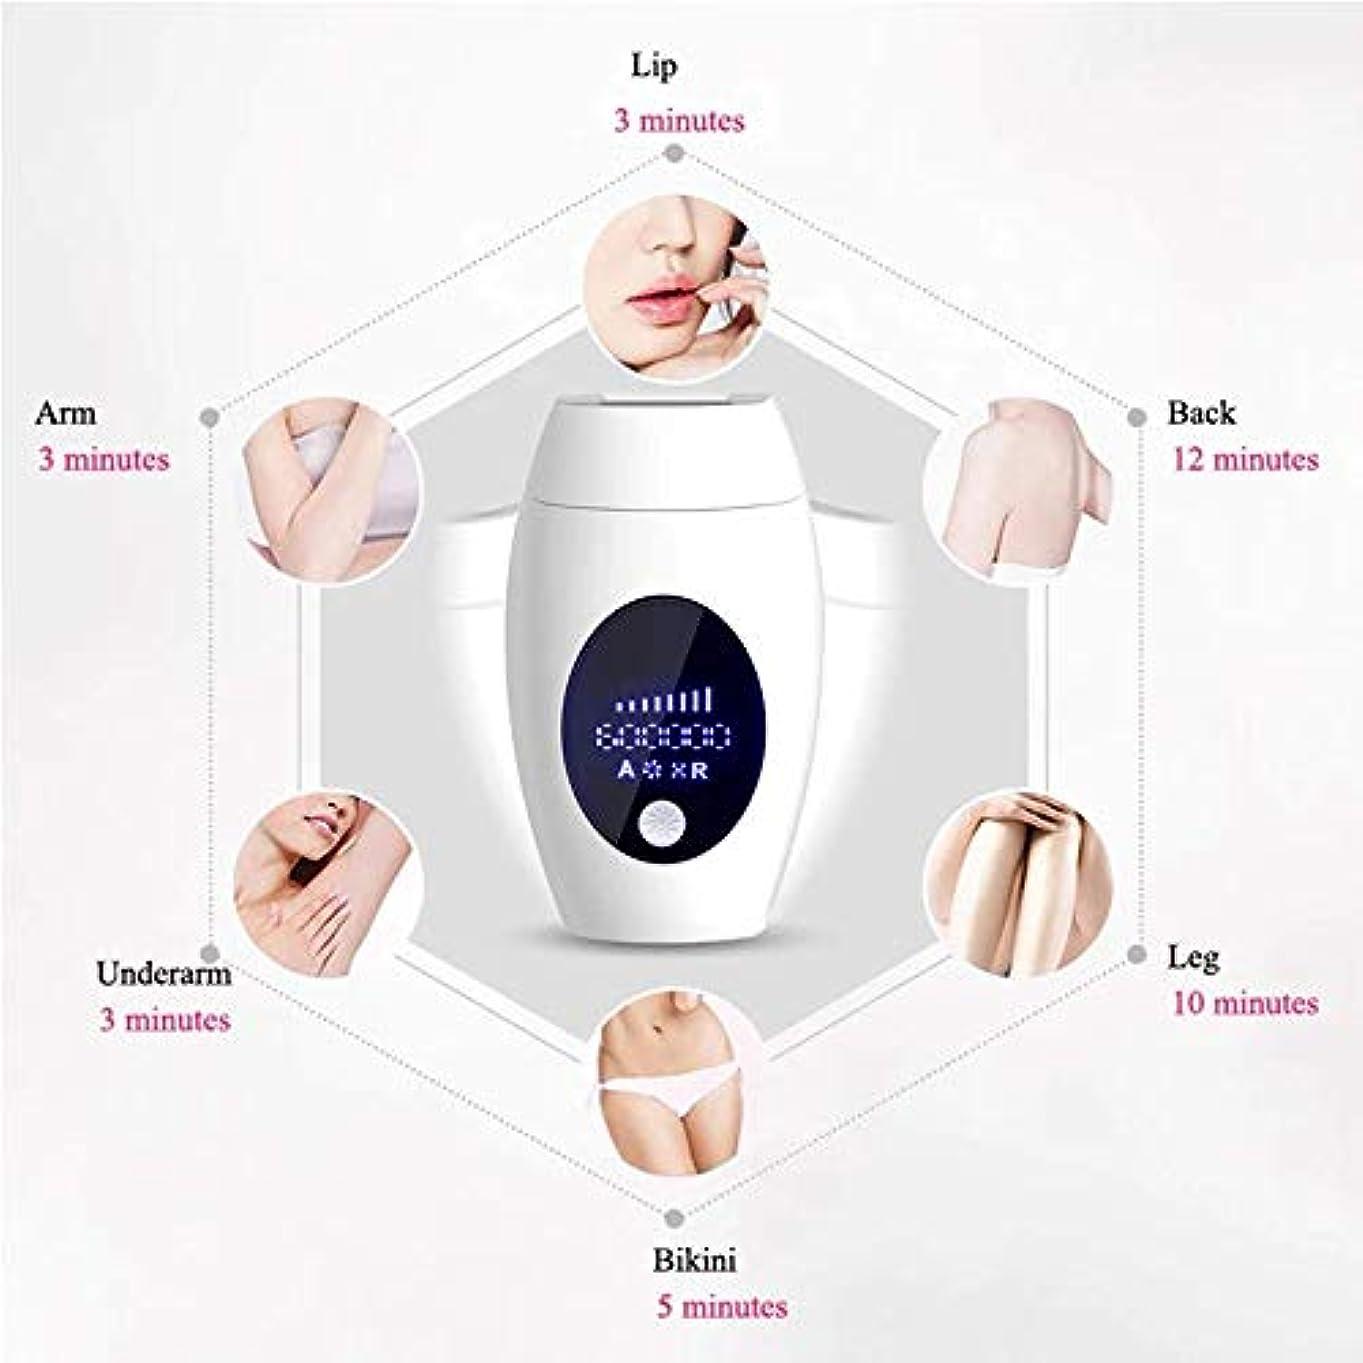 極めて極小入手しますレーザー脱毛デバイスは、永久無痛600,000点滅し、8つのエネルギーレベルに女性と男性のためのフェイシャル?プロフェッショナルレーザー脱毛システムをアップグレード